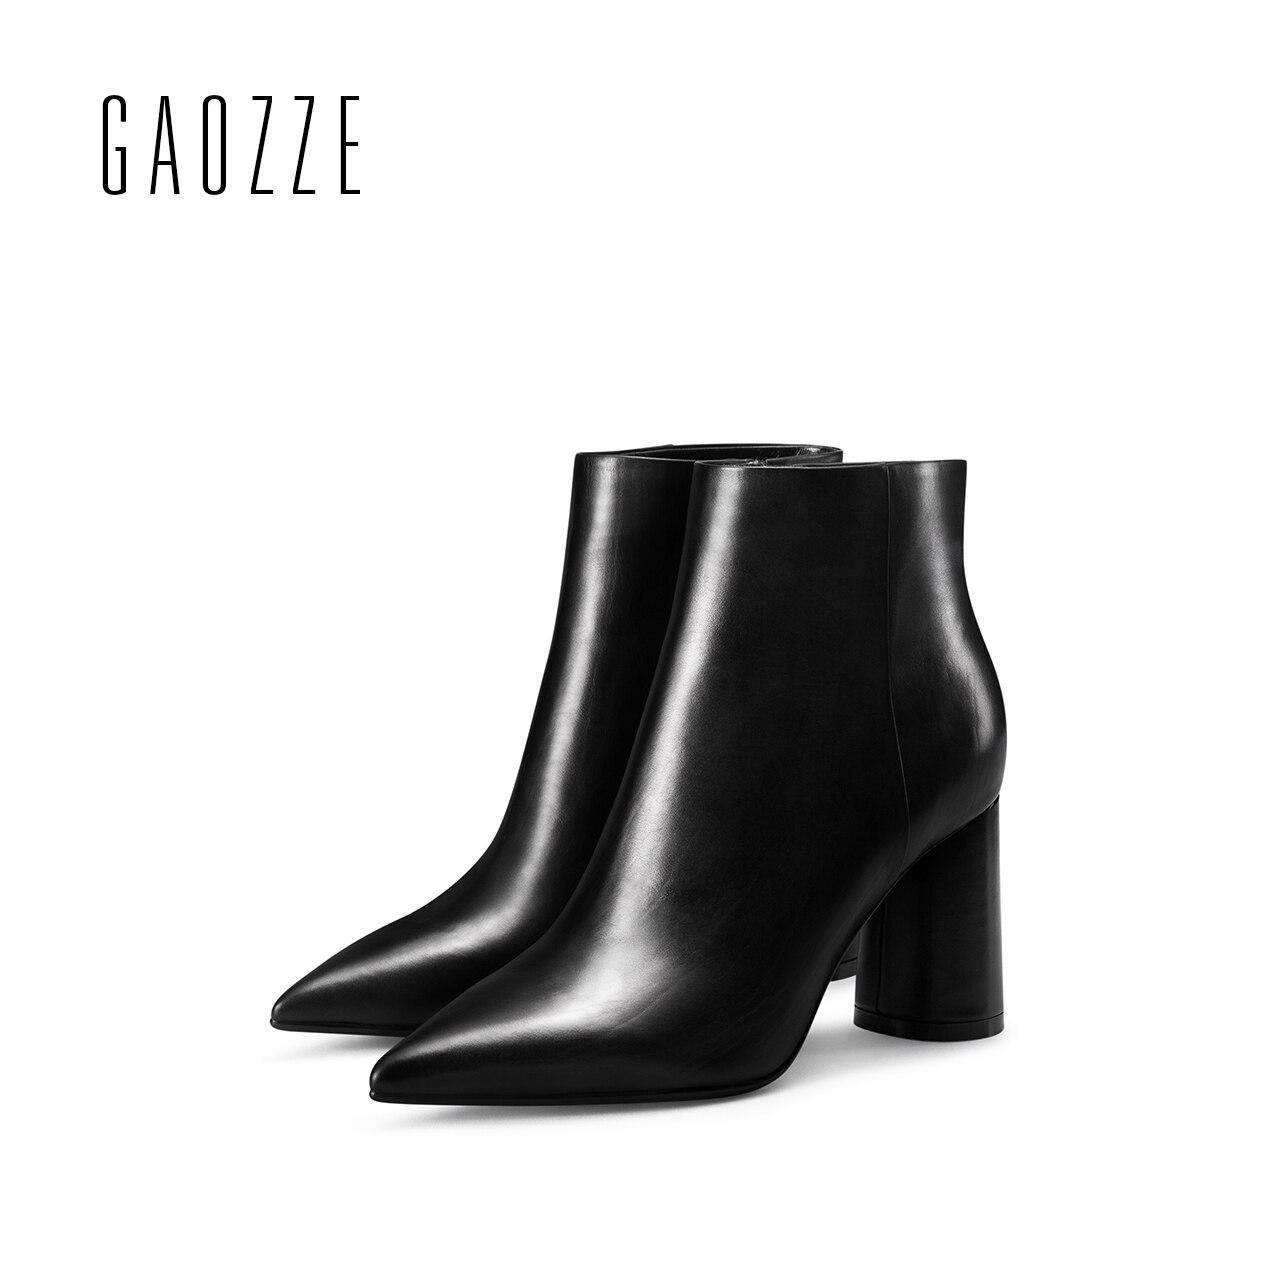 GAOZZE Preto Ankle Boots de Couro Para As Mulheres 2017 Outono Nova Moda Dedo Apontado Botas de Salto Grosso Alto-Salto Alto Tornozelo botas Mulheres